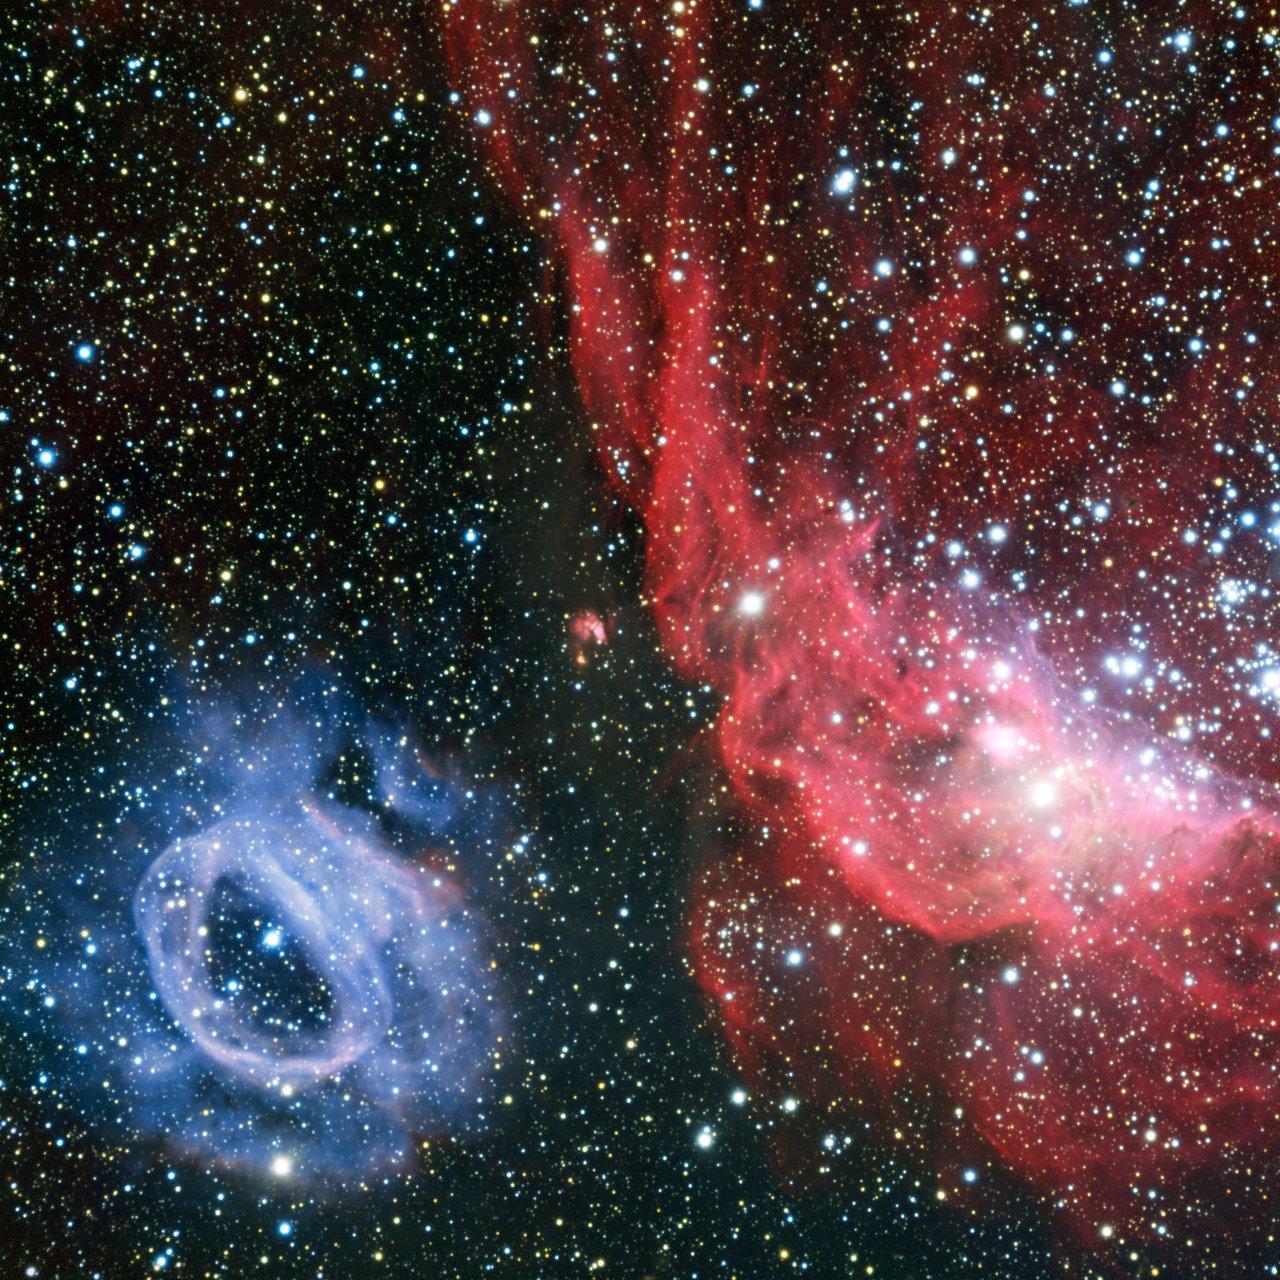 Zwei grundlegend verschiedene Gaswolken in der Großen Magellanischen Wolke